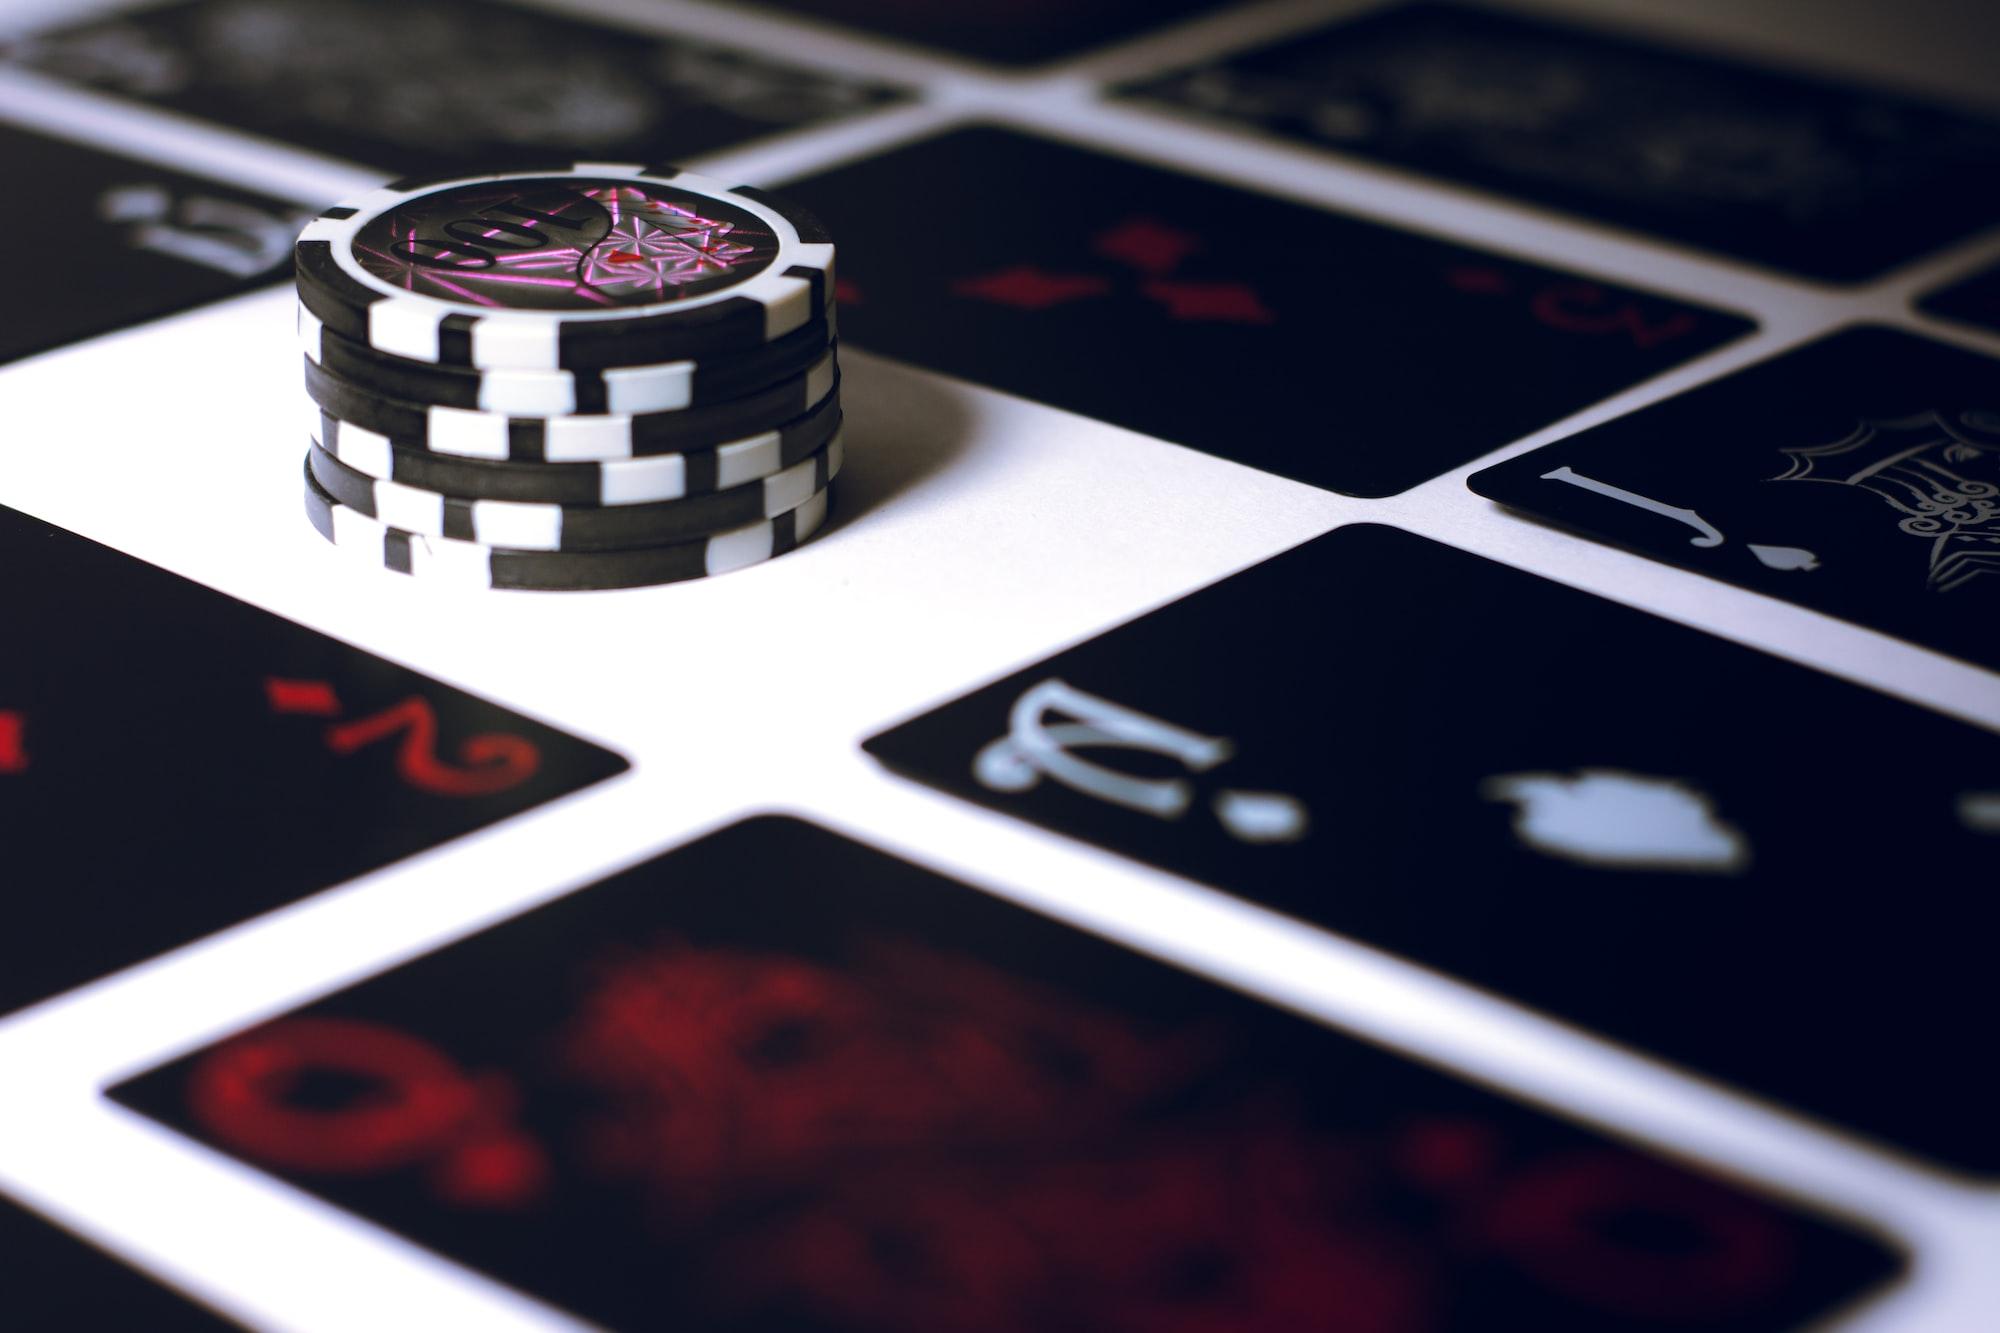 Estrazioni Lotto, Superenalotto e 10eLotto 06/04/21: i numeri vincenti